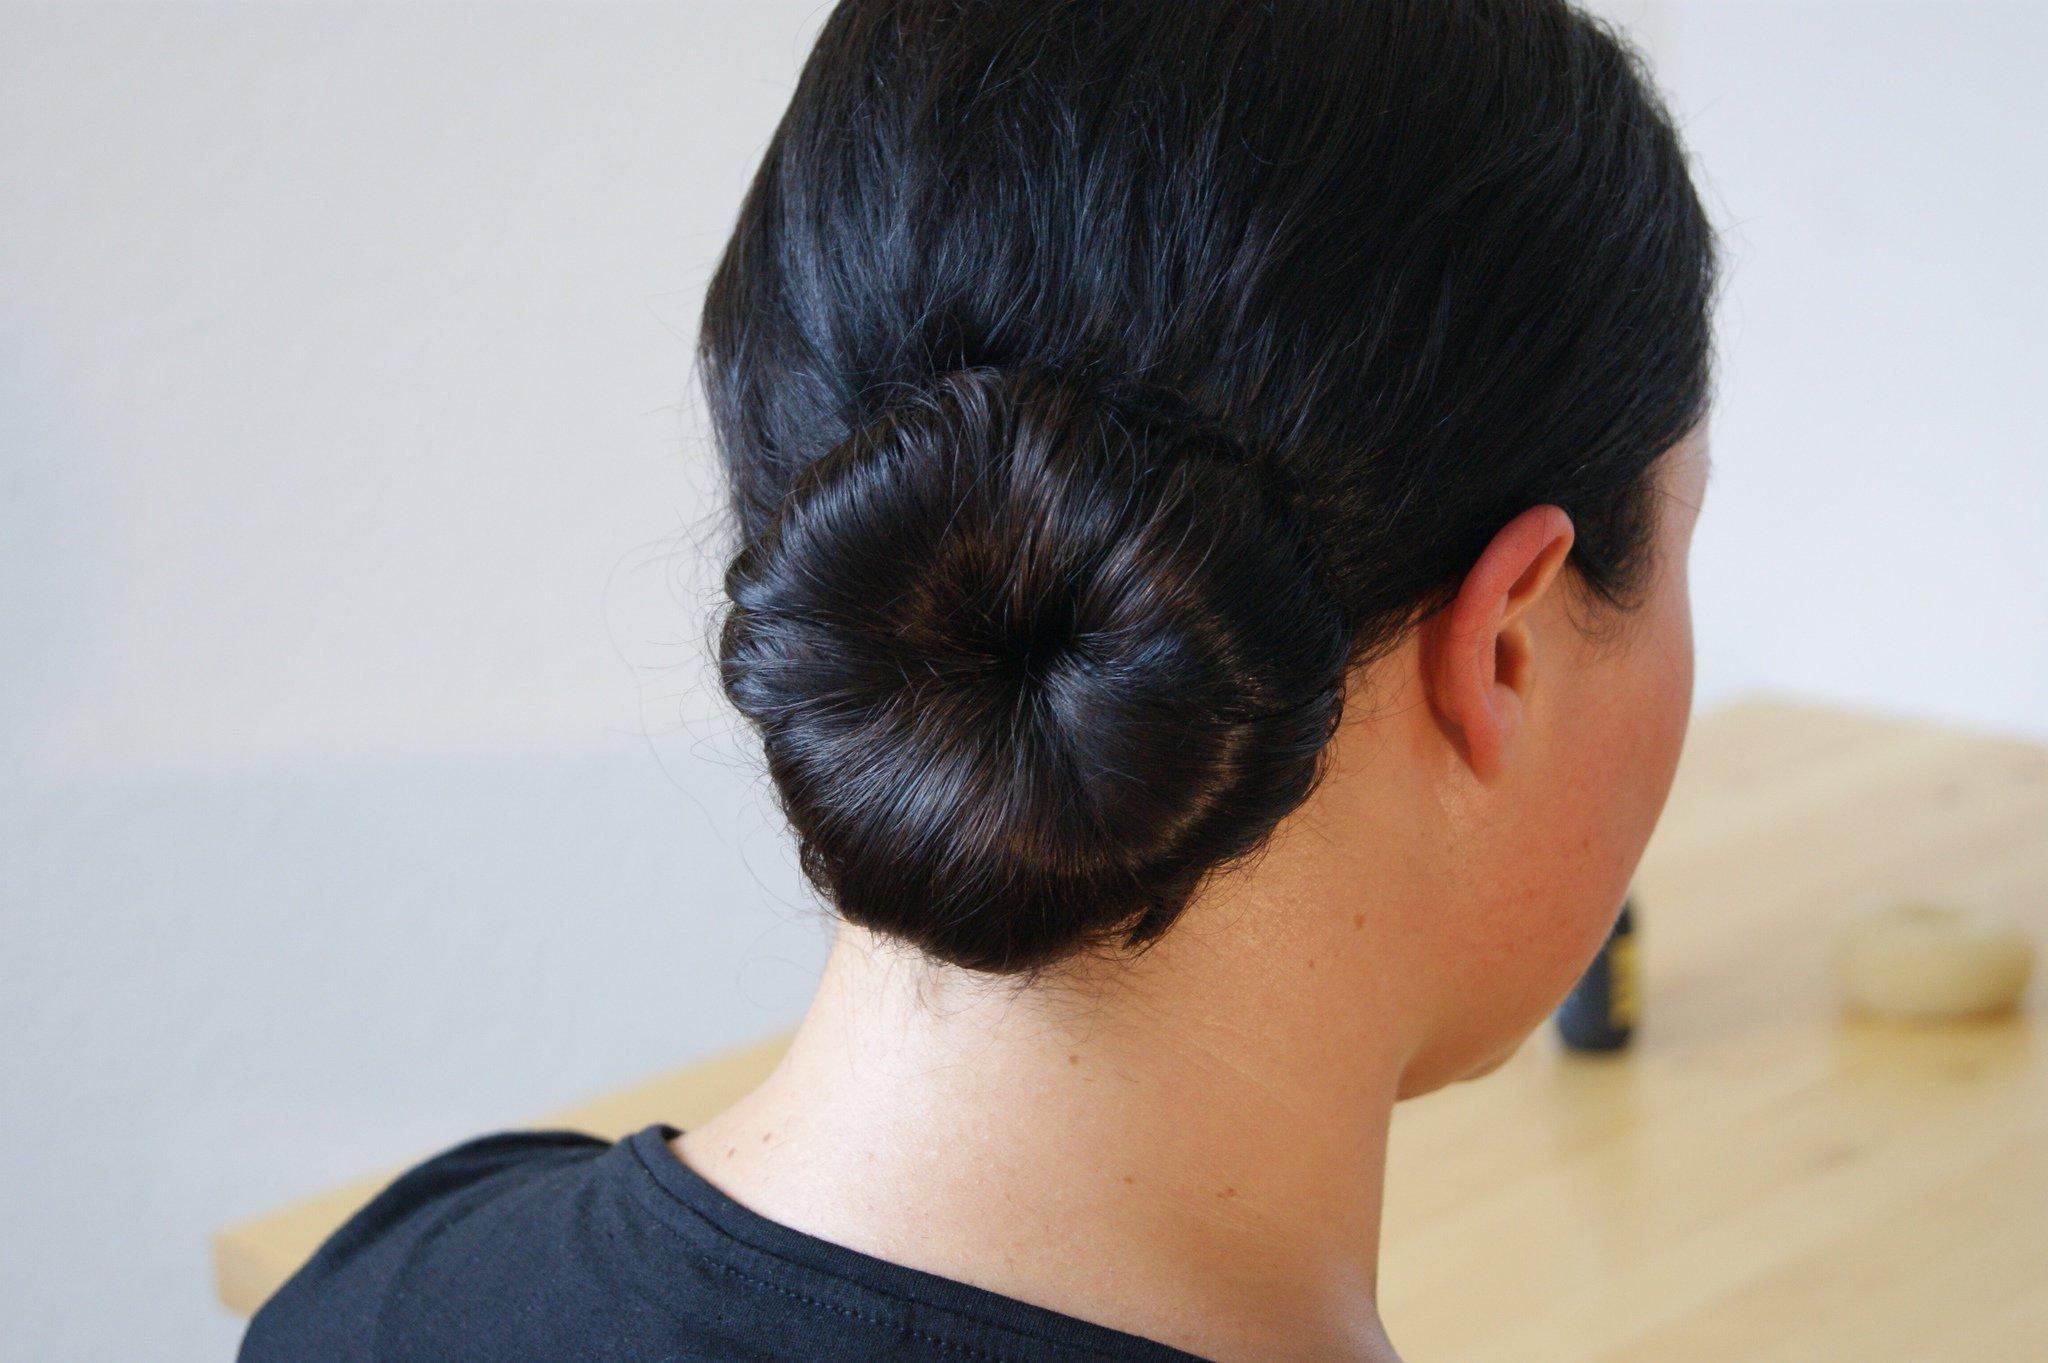 Haare toupieren Anleitung für Anfänger